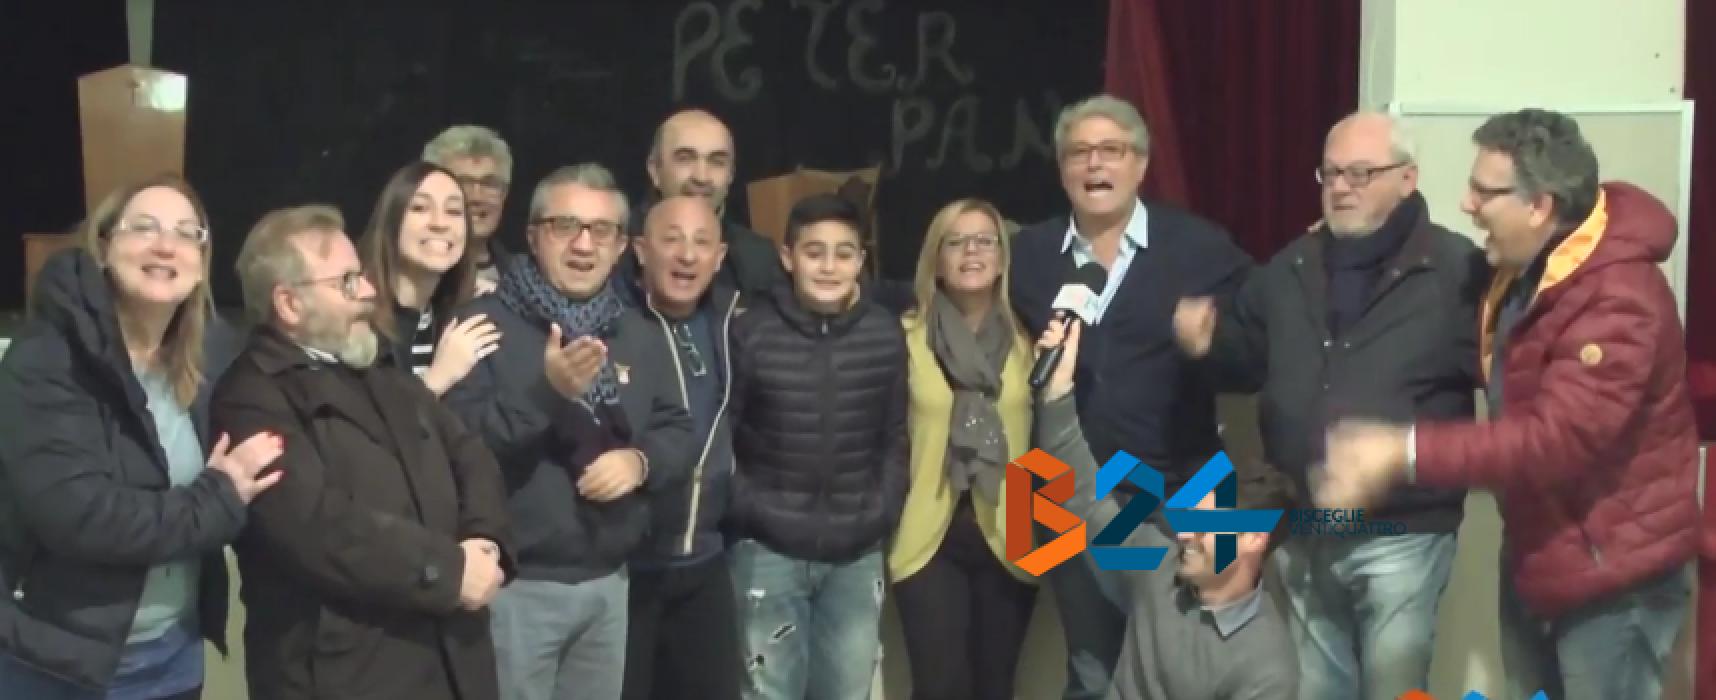 Differenziata e risate, la Compagnia Dialettale presenta la nuova commedia / VIDEO